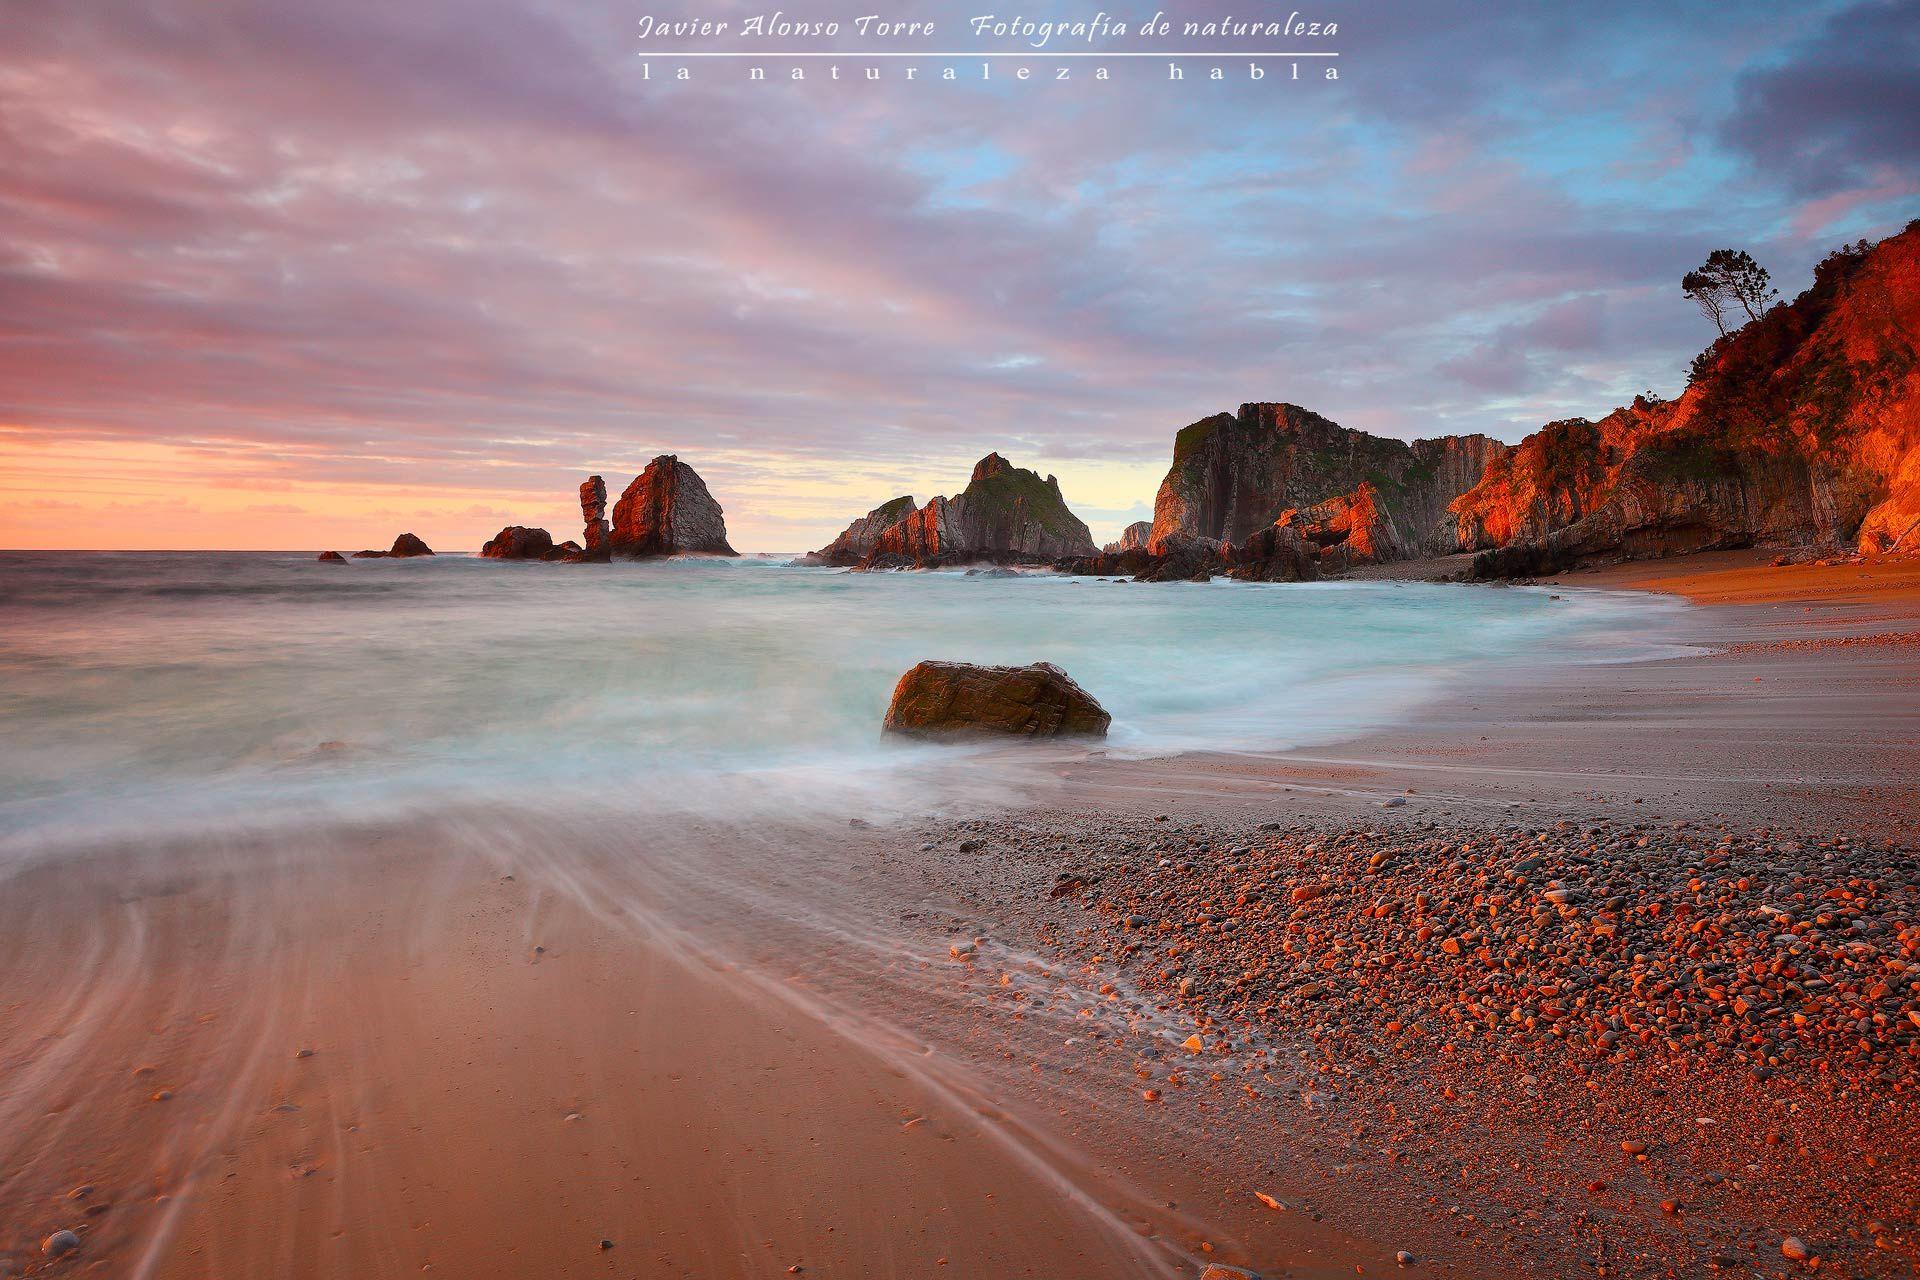 El paraíso en Asturias by Javier Alonso Torre / 500px